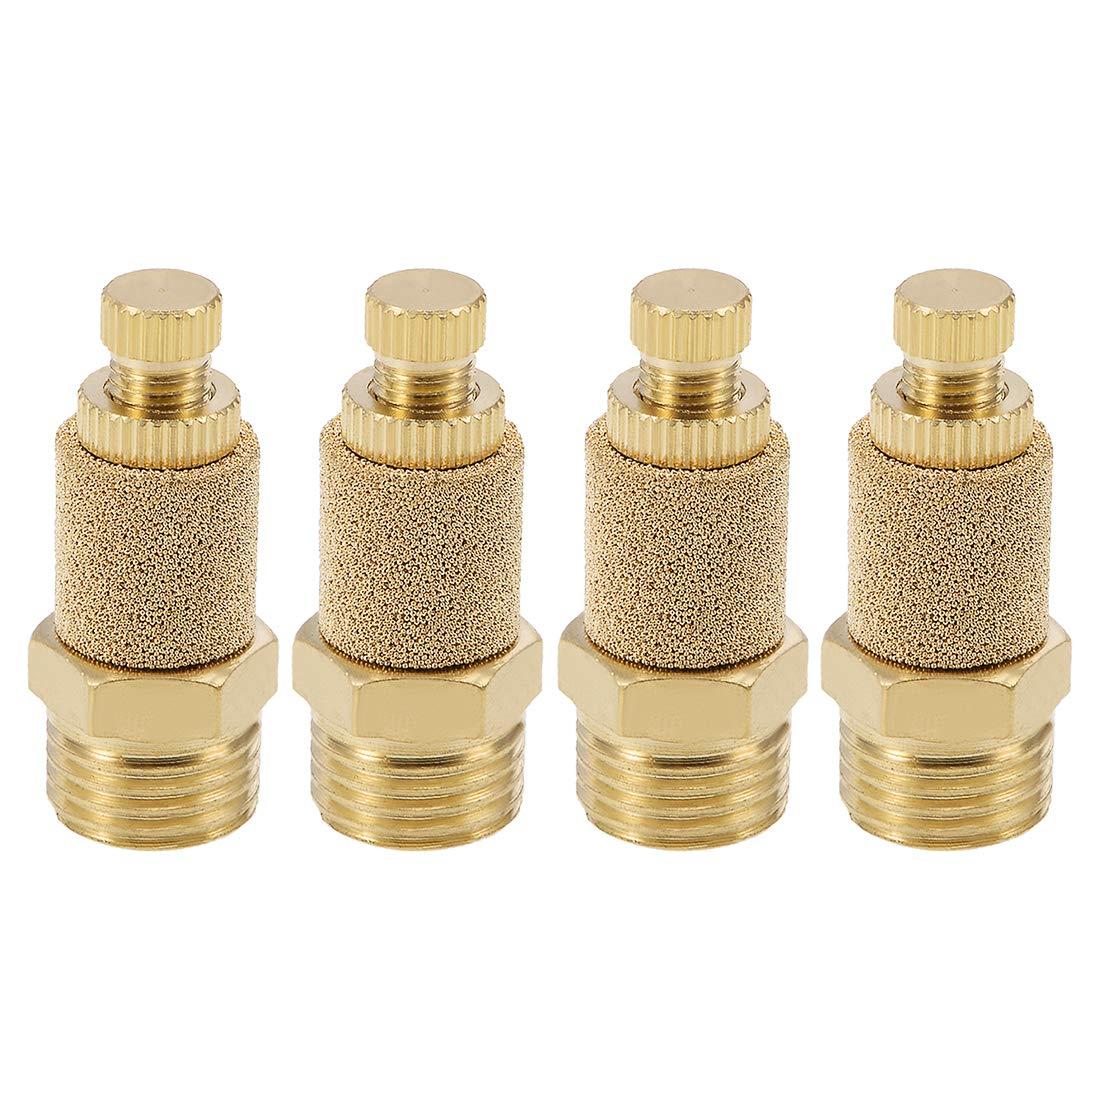 uxcell Top Adjustable Pneumatic Air Exhaust Silencer Muffler Copper 1/4 BSPT Gold Tone 4pcs